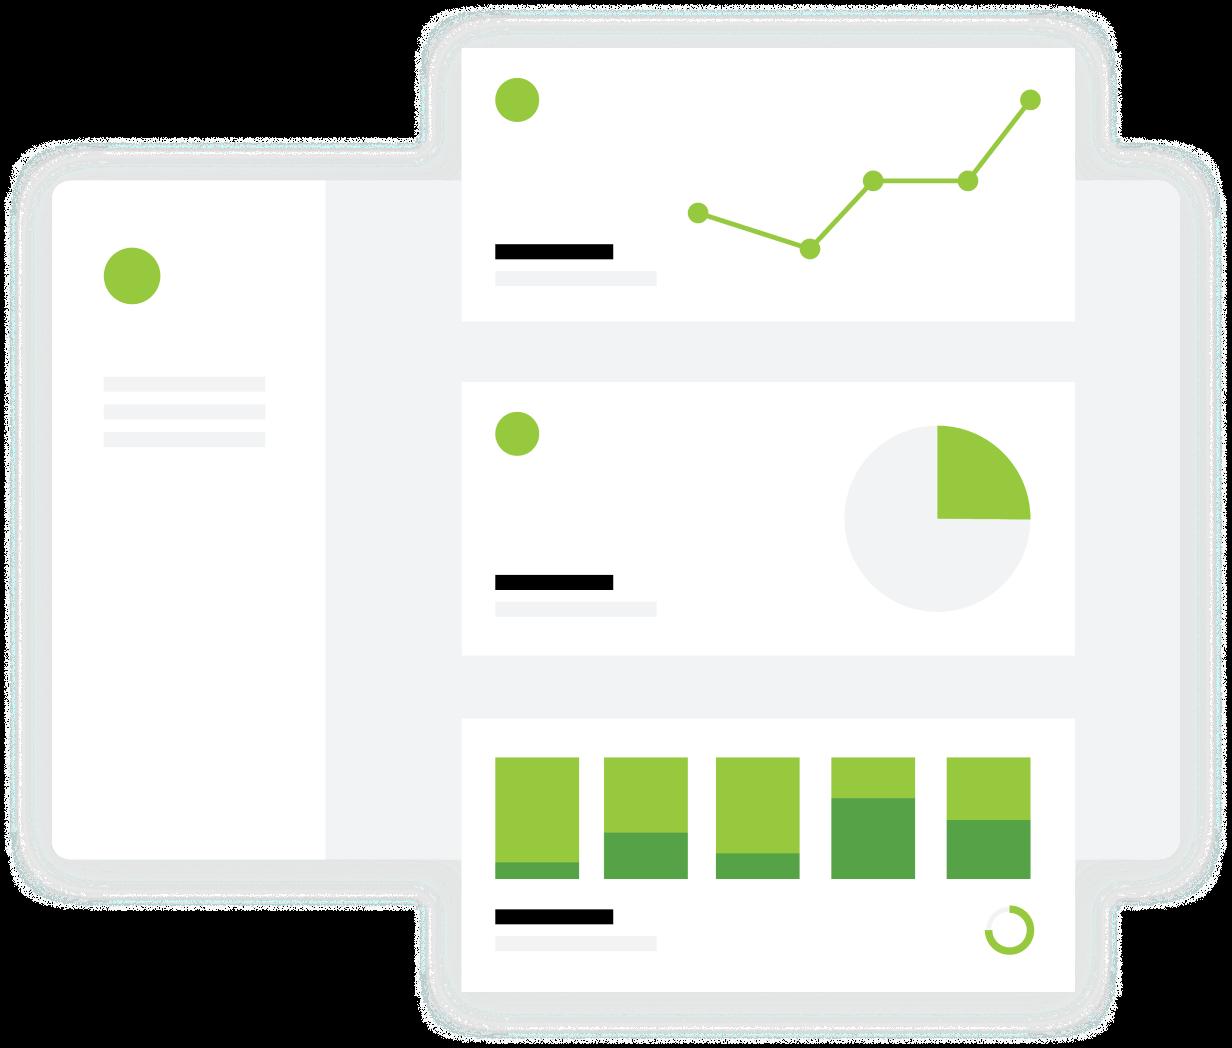 Eenvoudig Licentie- en Documentbeheer